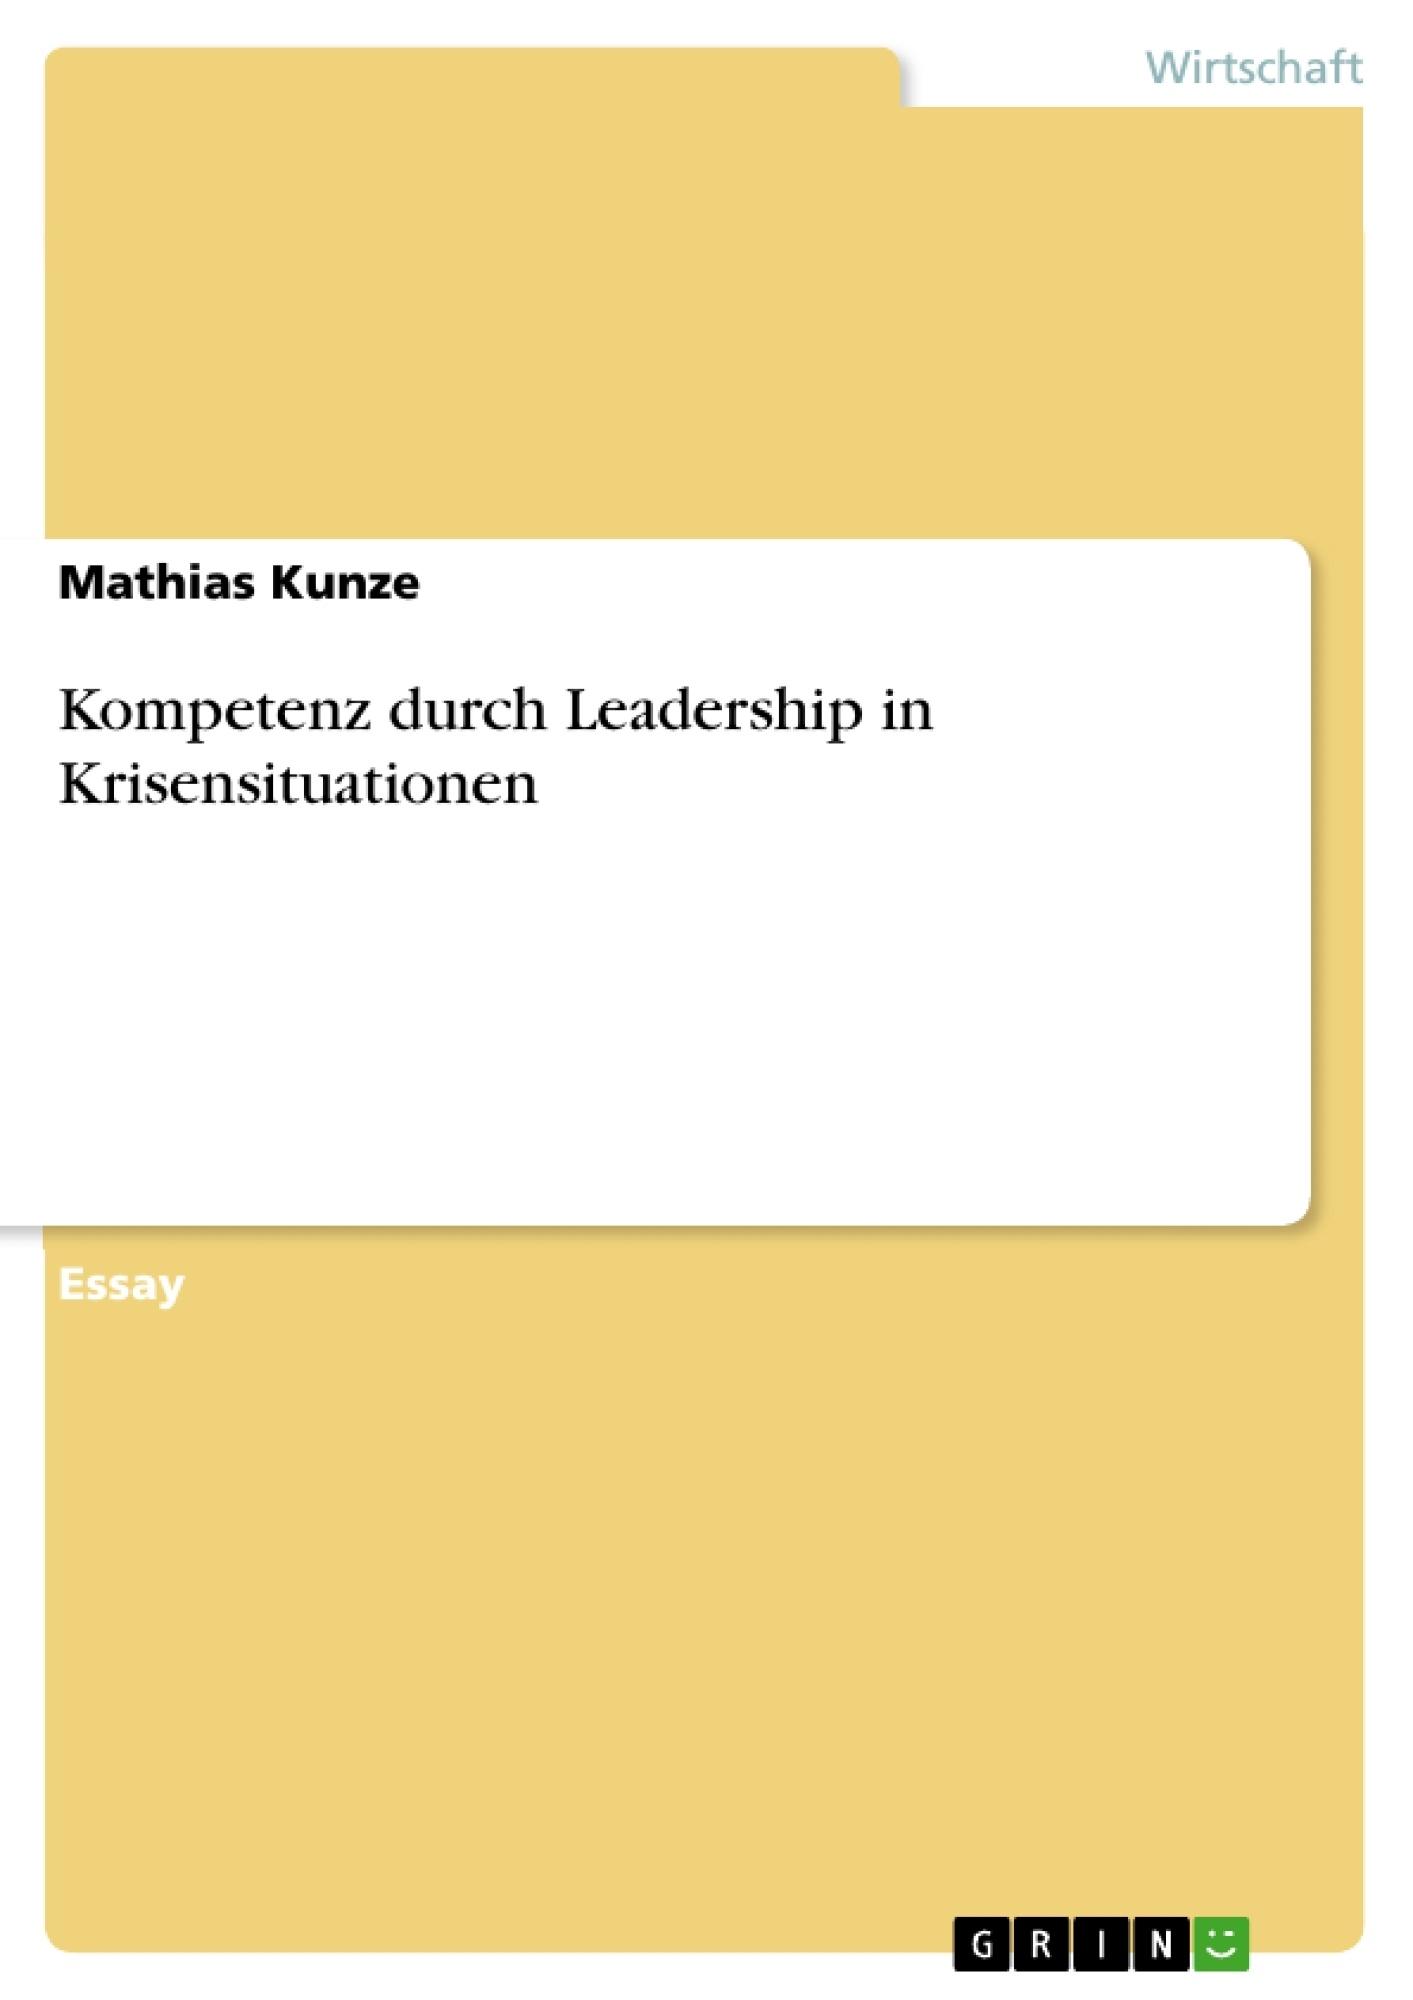 Titel: Kompetenz durch Leadership in Krisensituationen